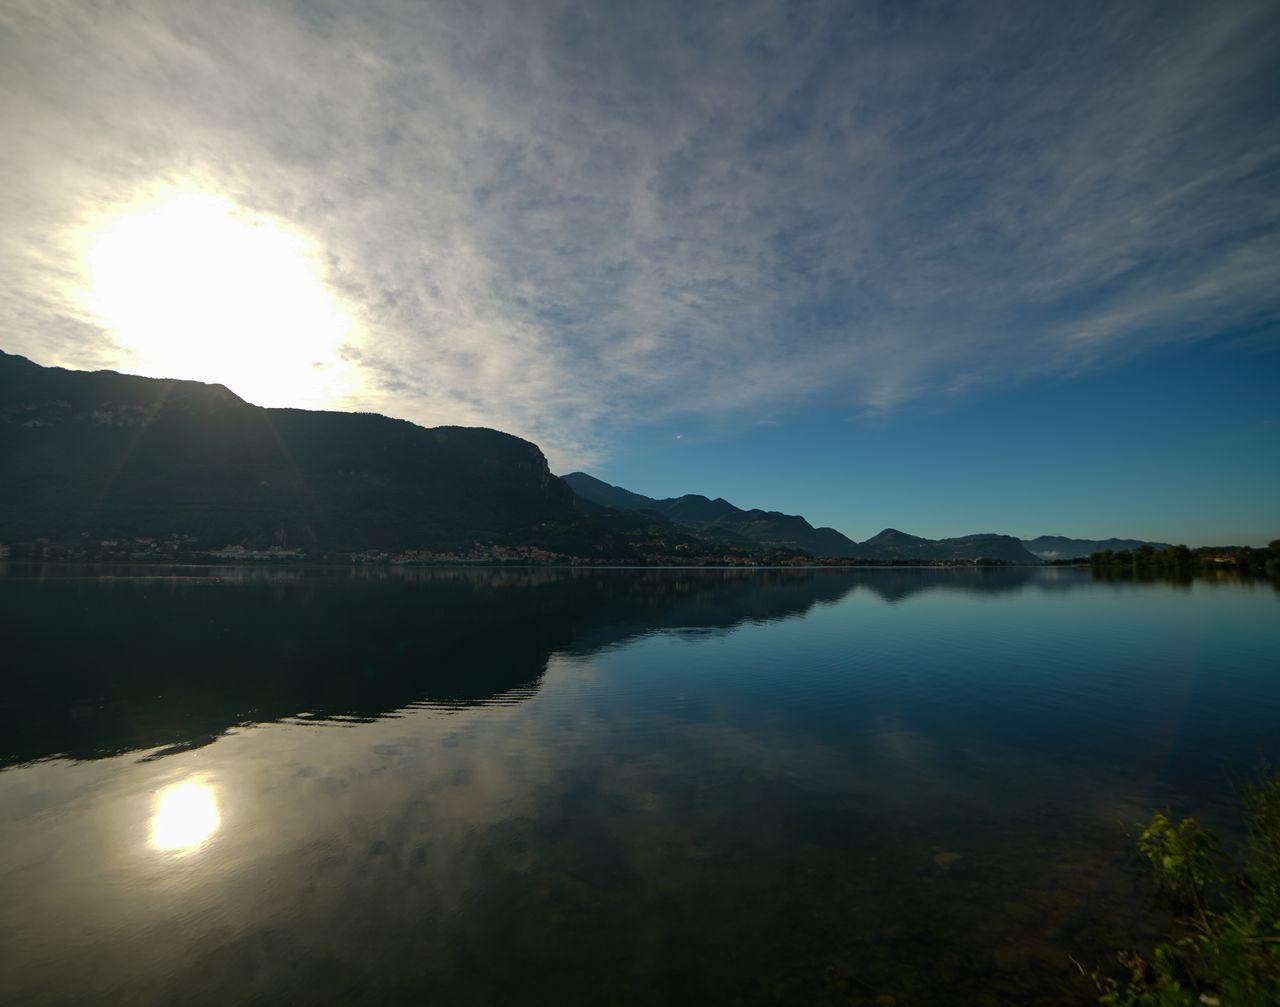 Lake View Lago Di Garlate Lago Bluesky Alba mattina Mattina Presto Lago Di Como, Italy Lecco Sony A7r2 Samyang 14㎜ ƒ/2.8G